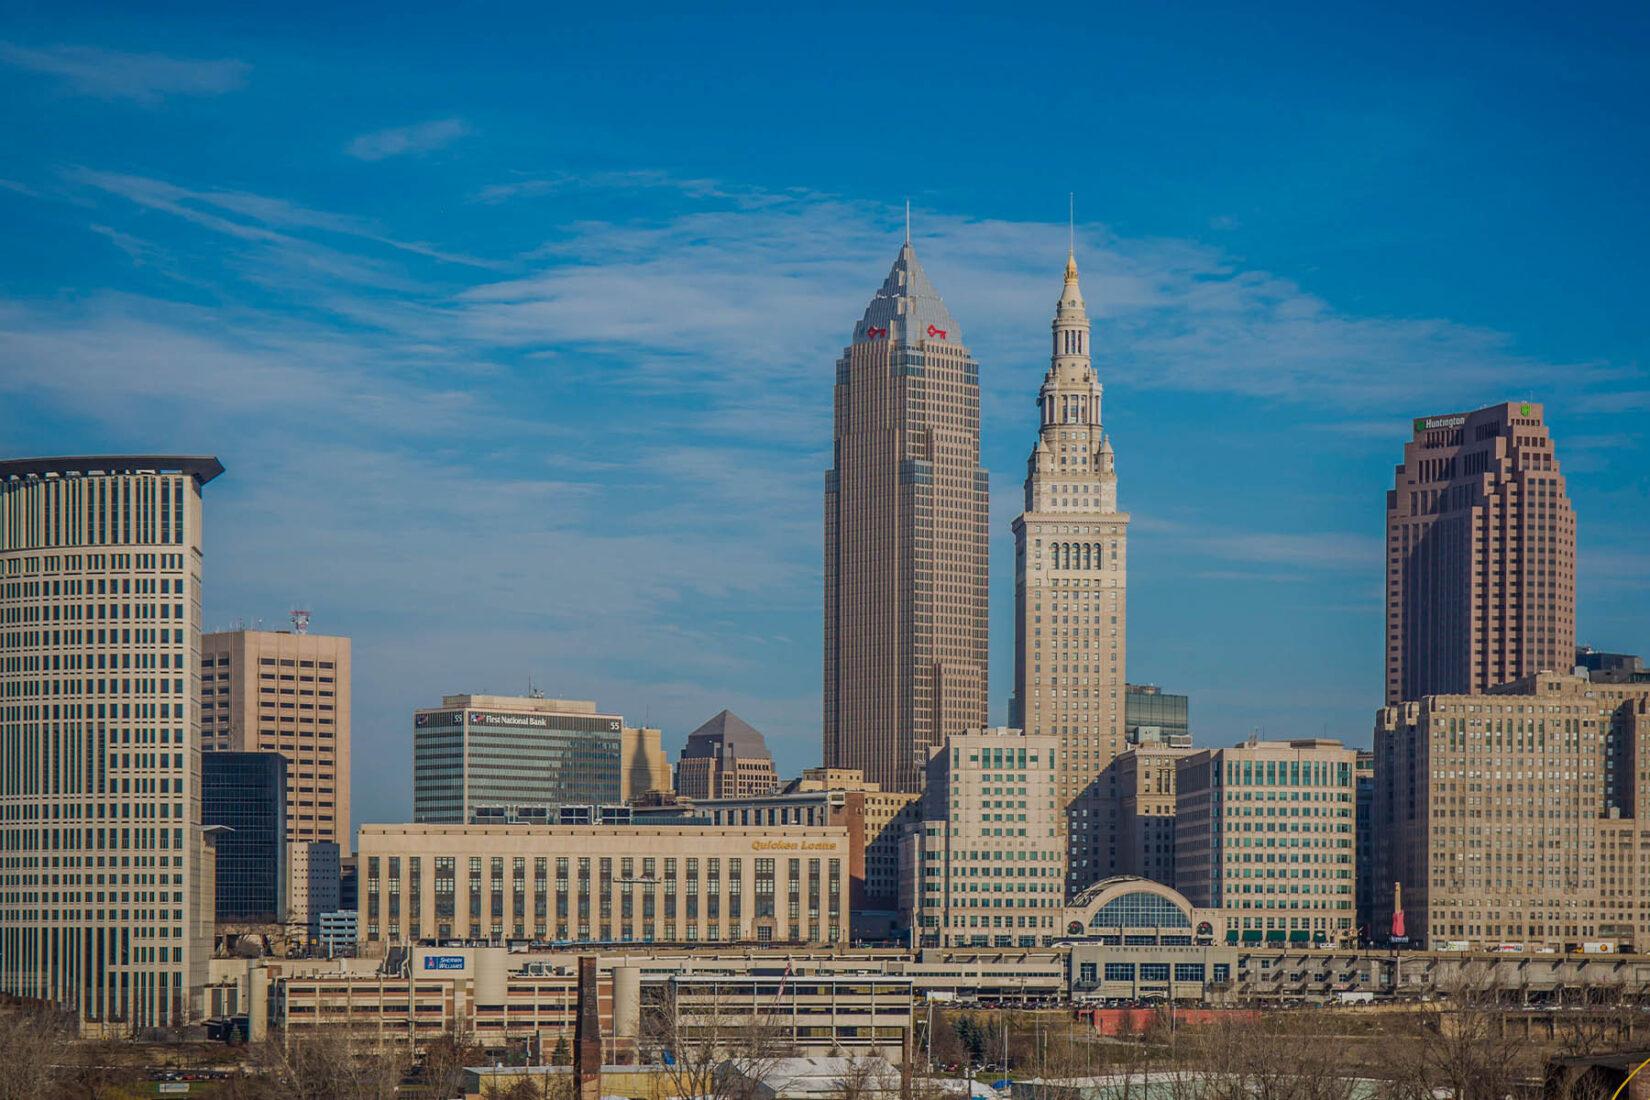 Cleveland Skyline on a Sunny Day